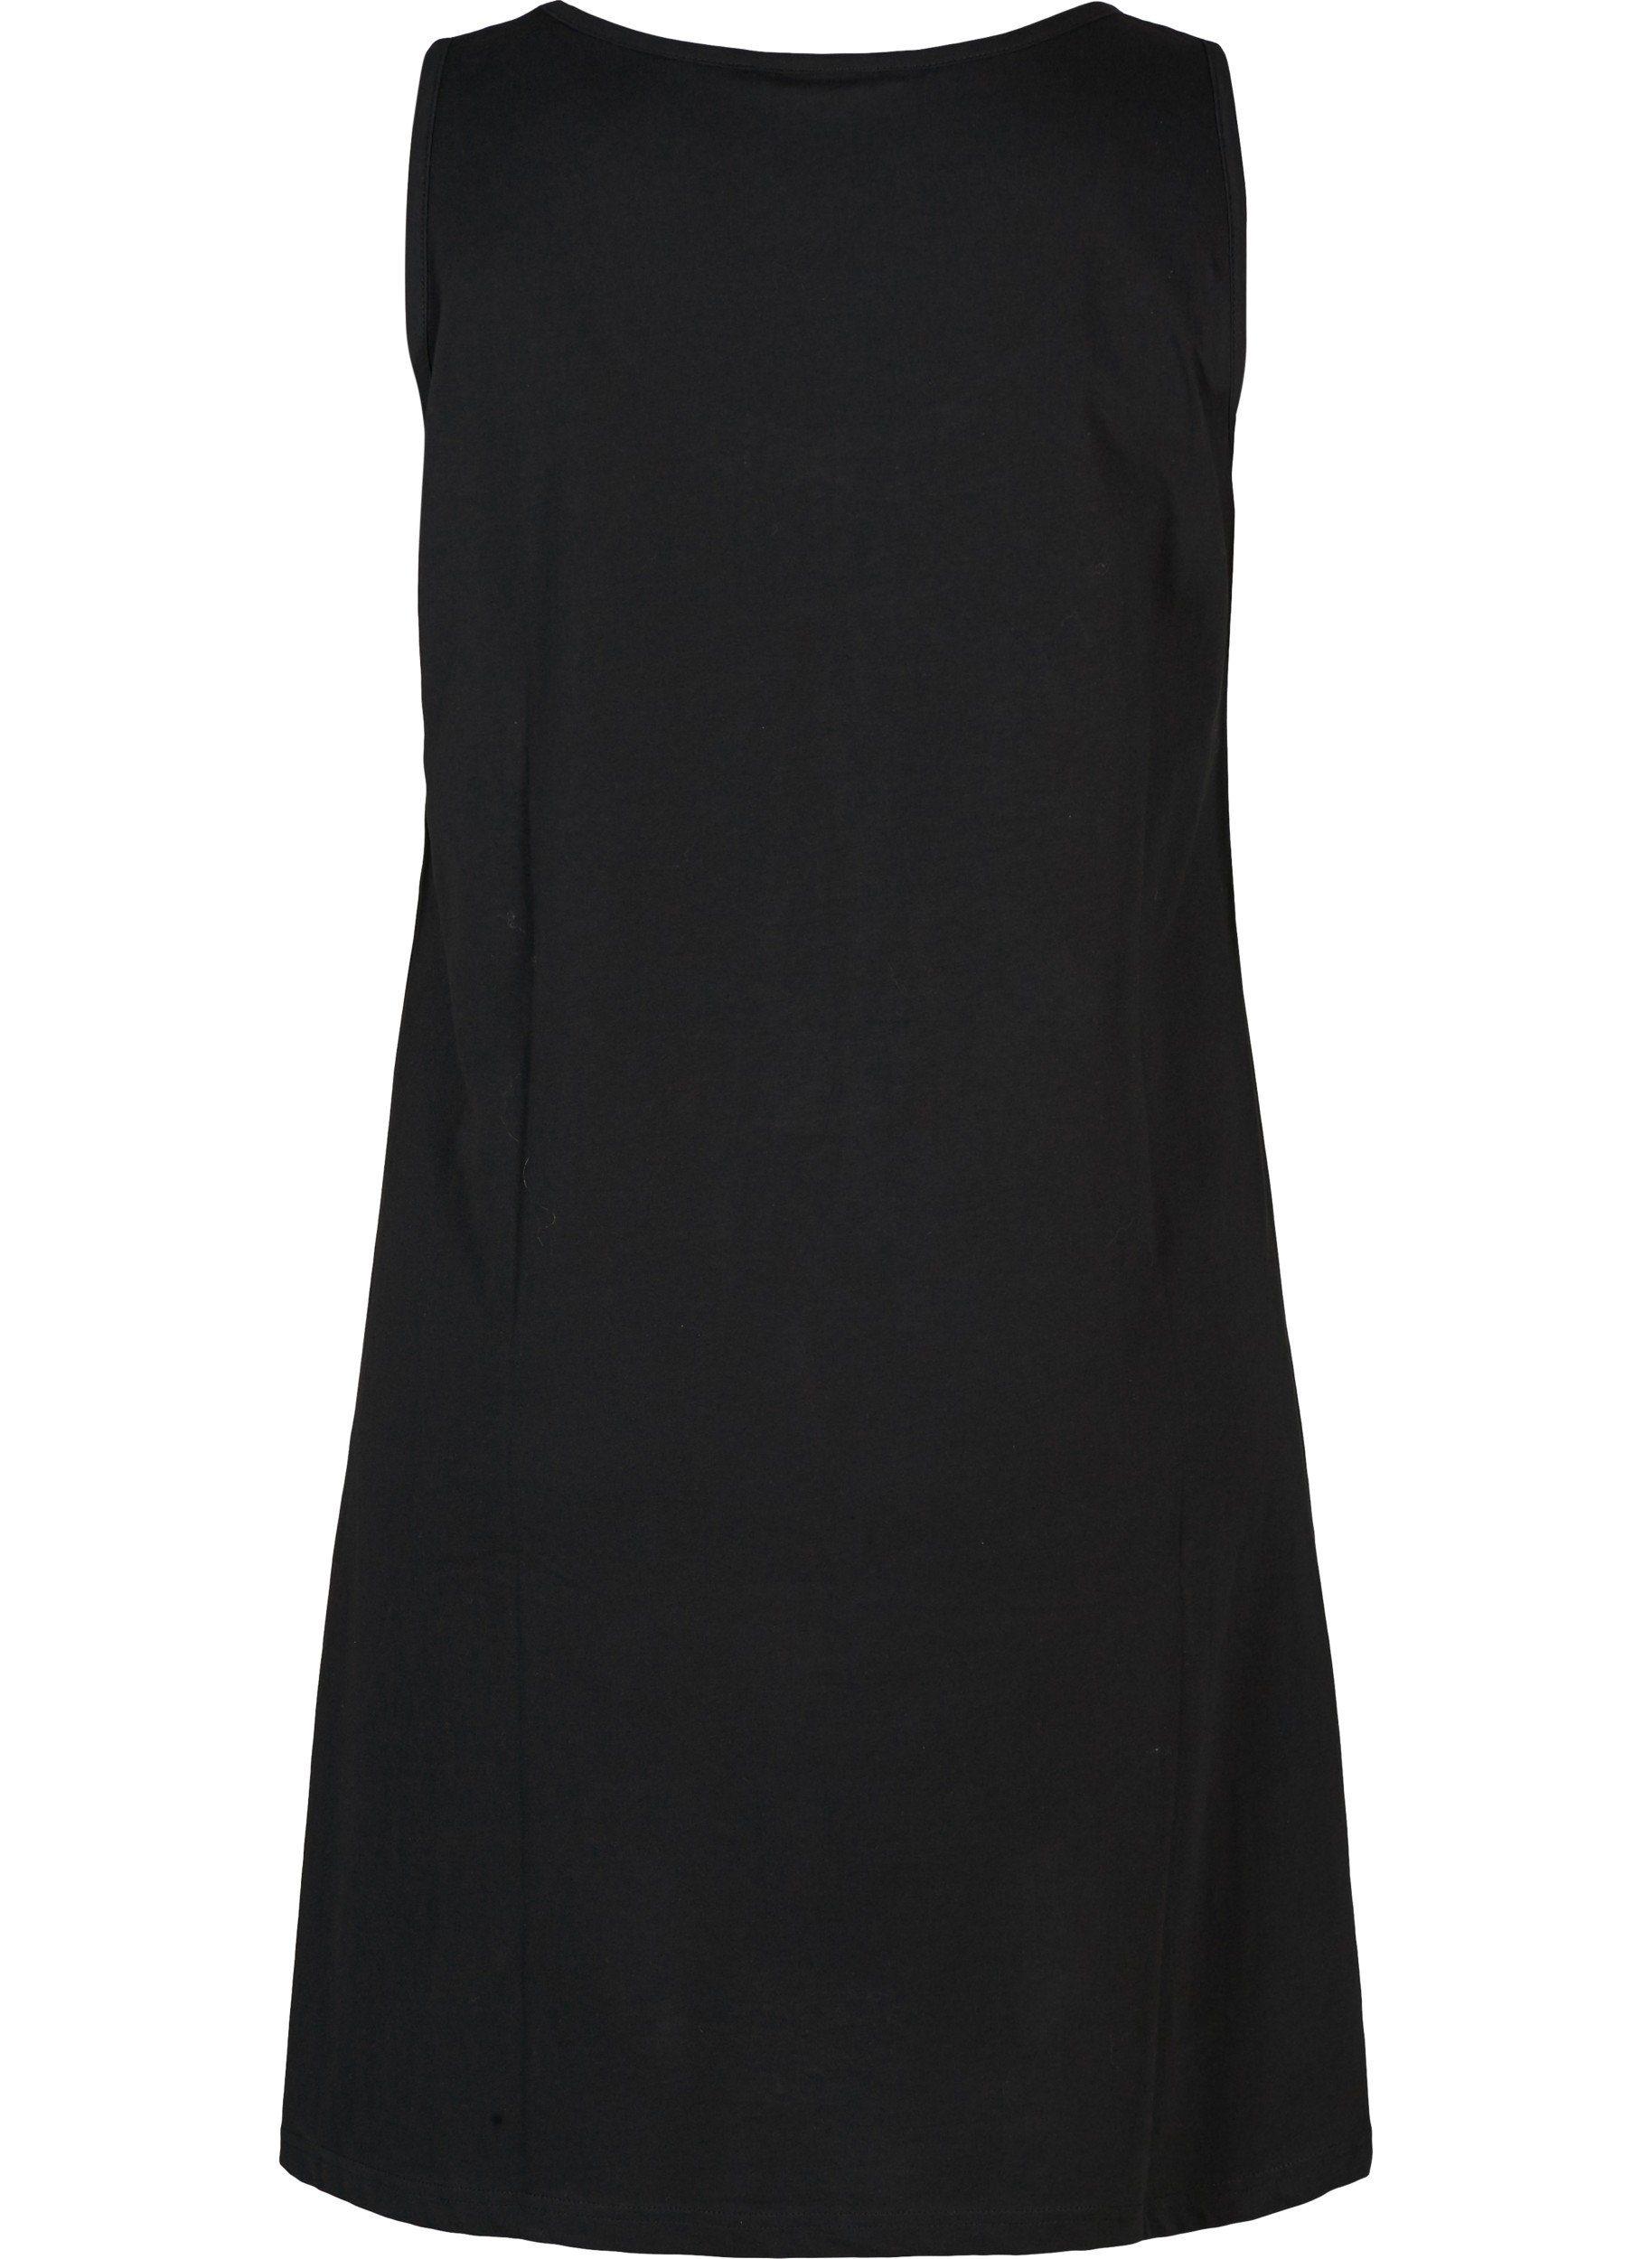 Damen Knielang Große Größen Sommerkleid Minikleid Kleid Kaufen linie Ärmellos Online Zizzi A Basic qSzMGpLUV